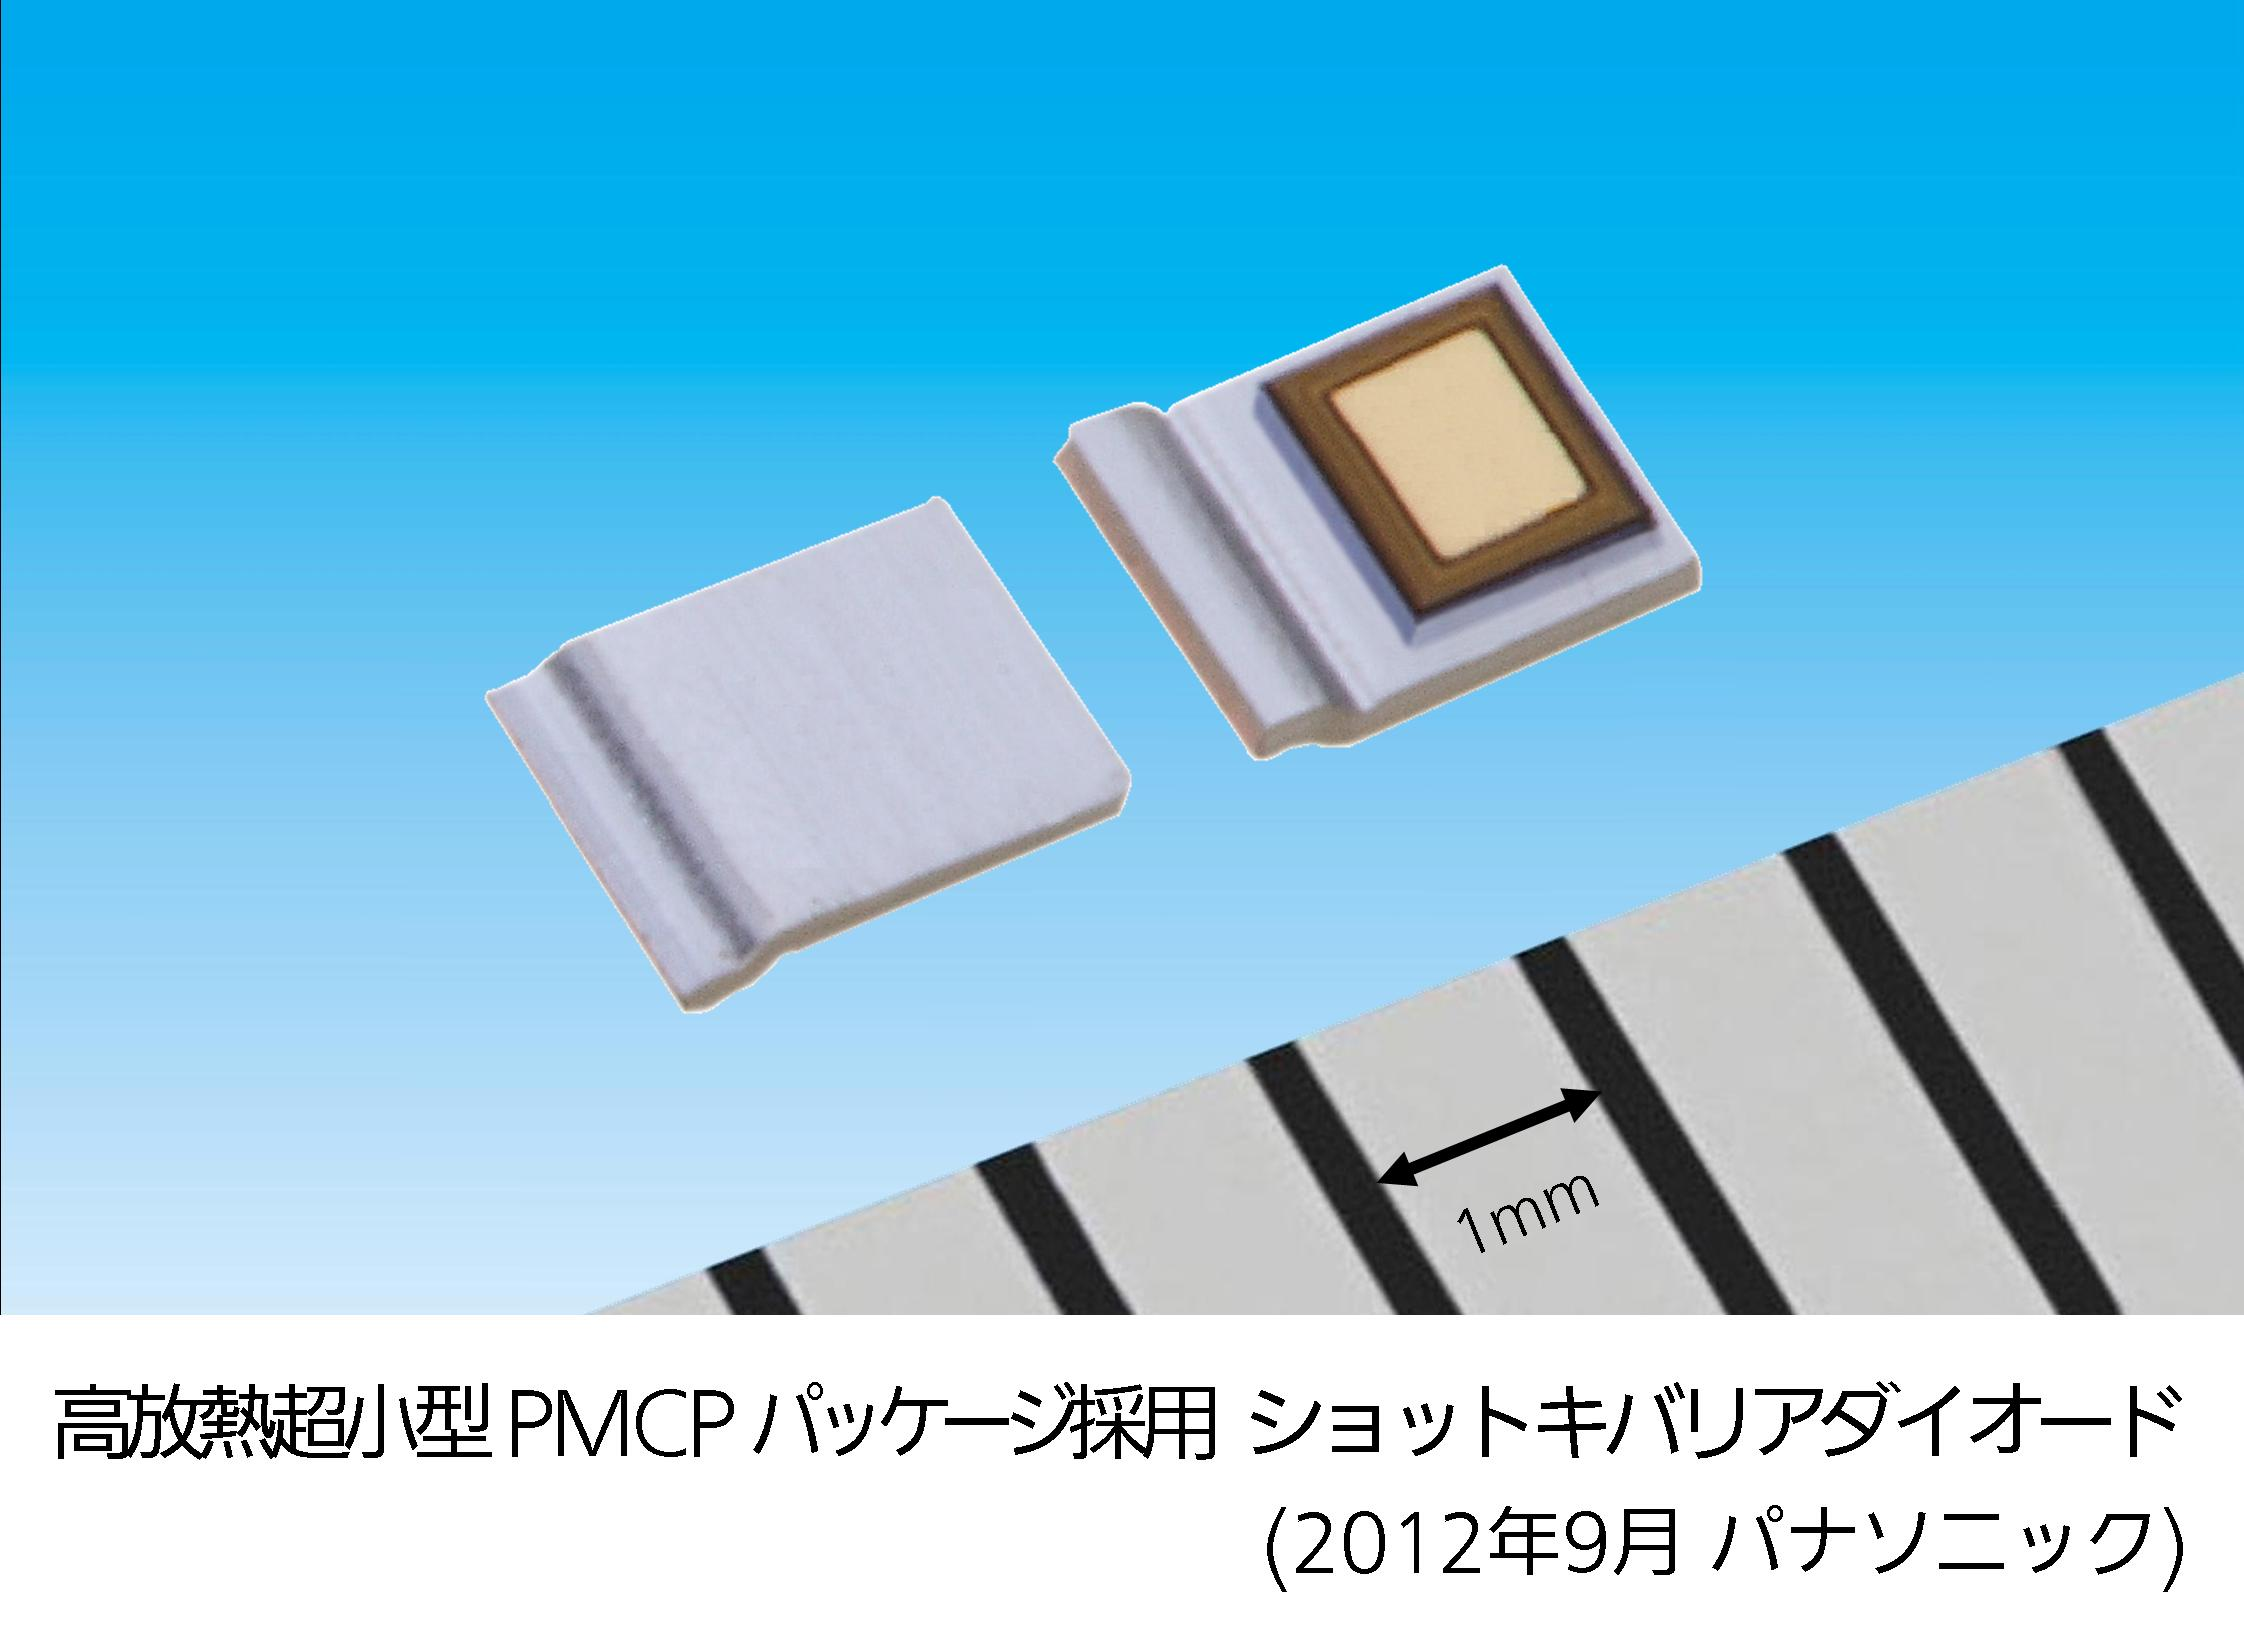 高放熱超小型PMCPパッケージ採用 ショットキバリアダイオード